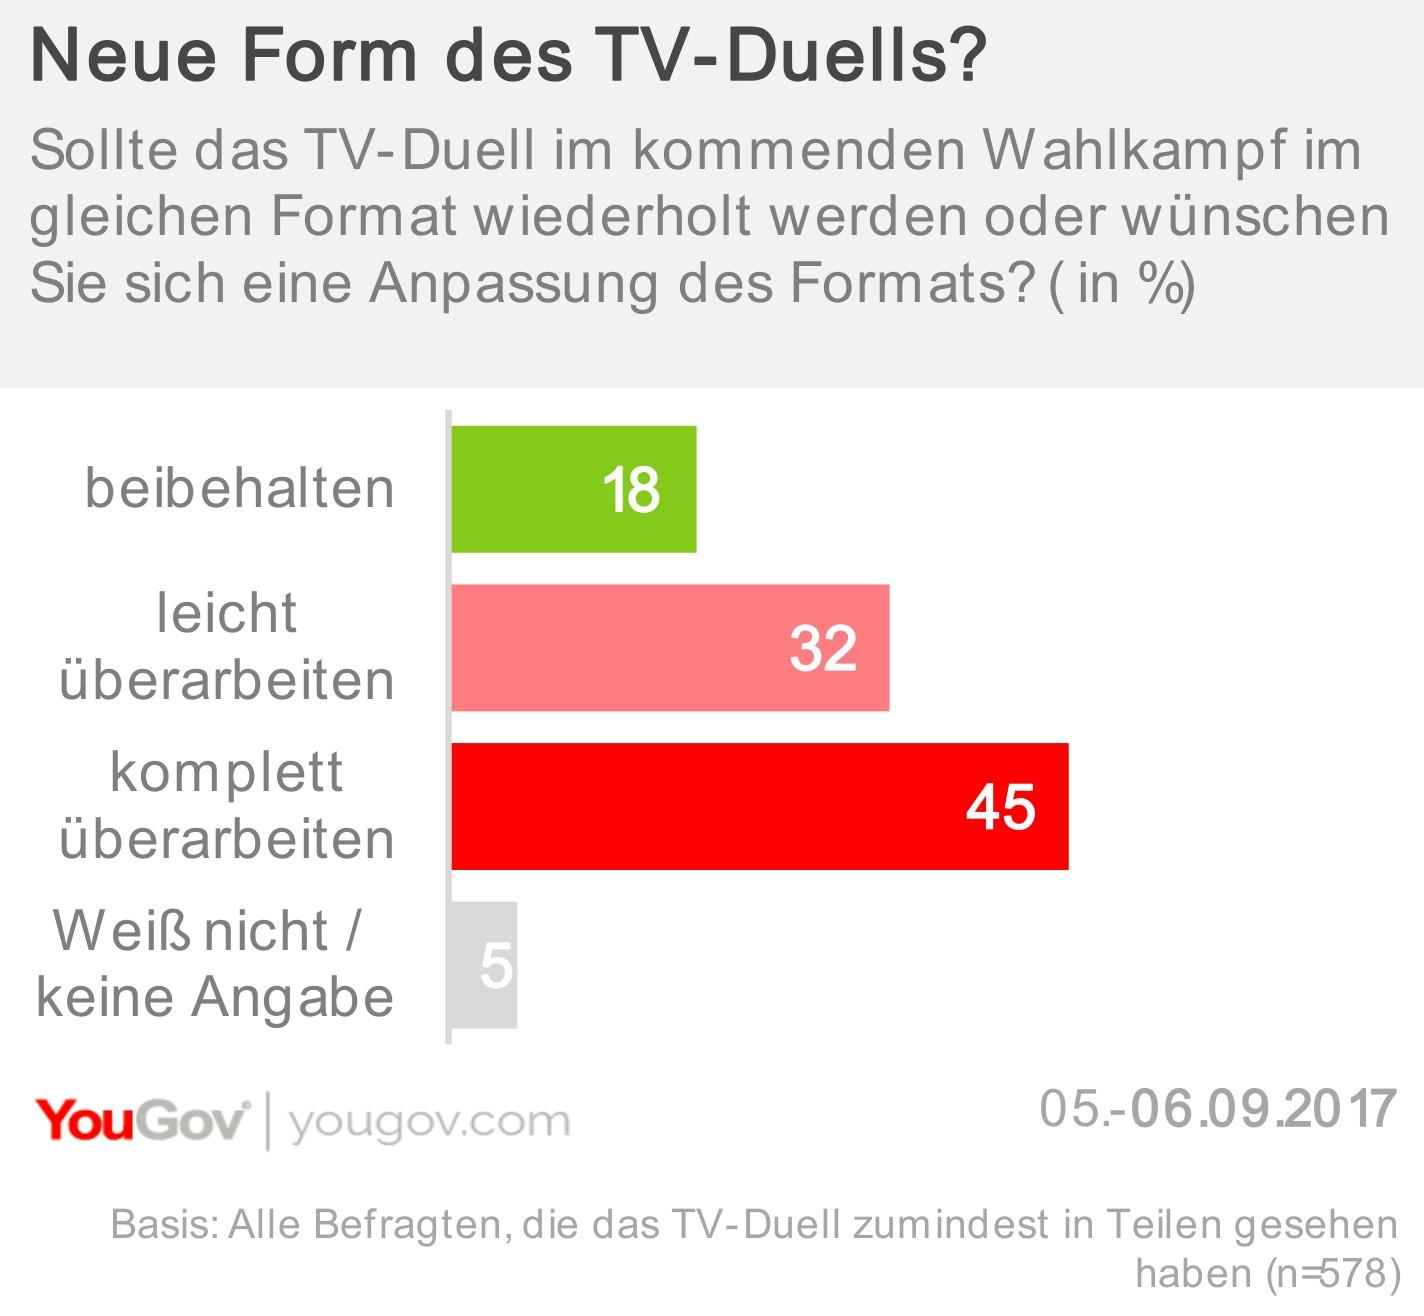 Neue Form des TV-Duells?